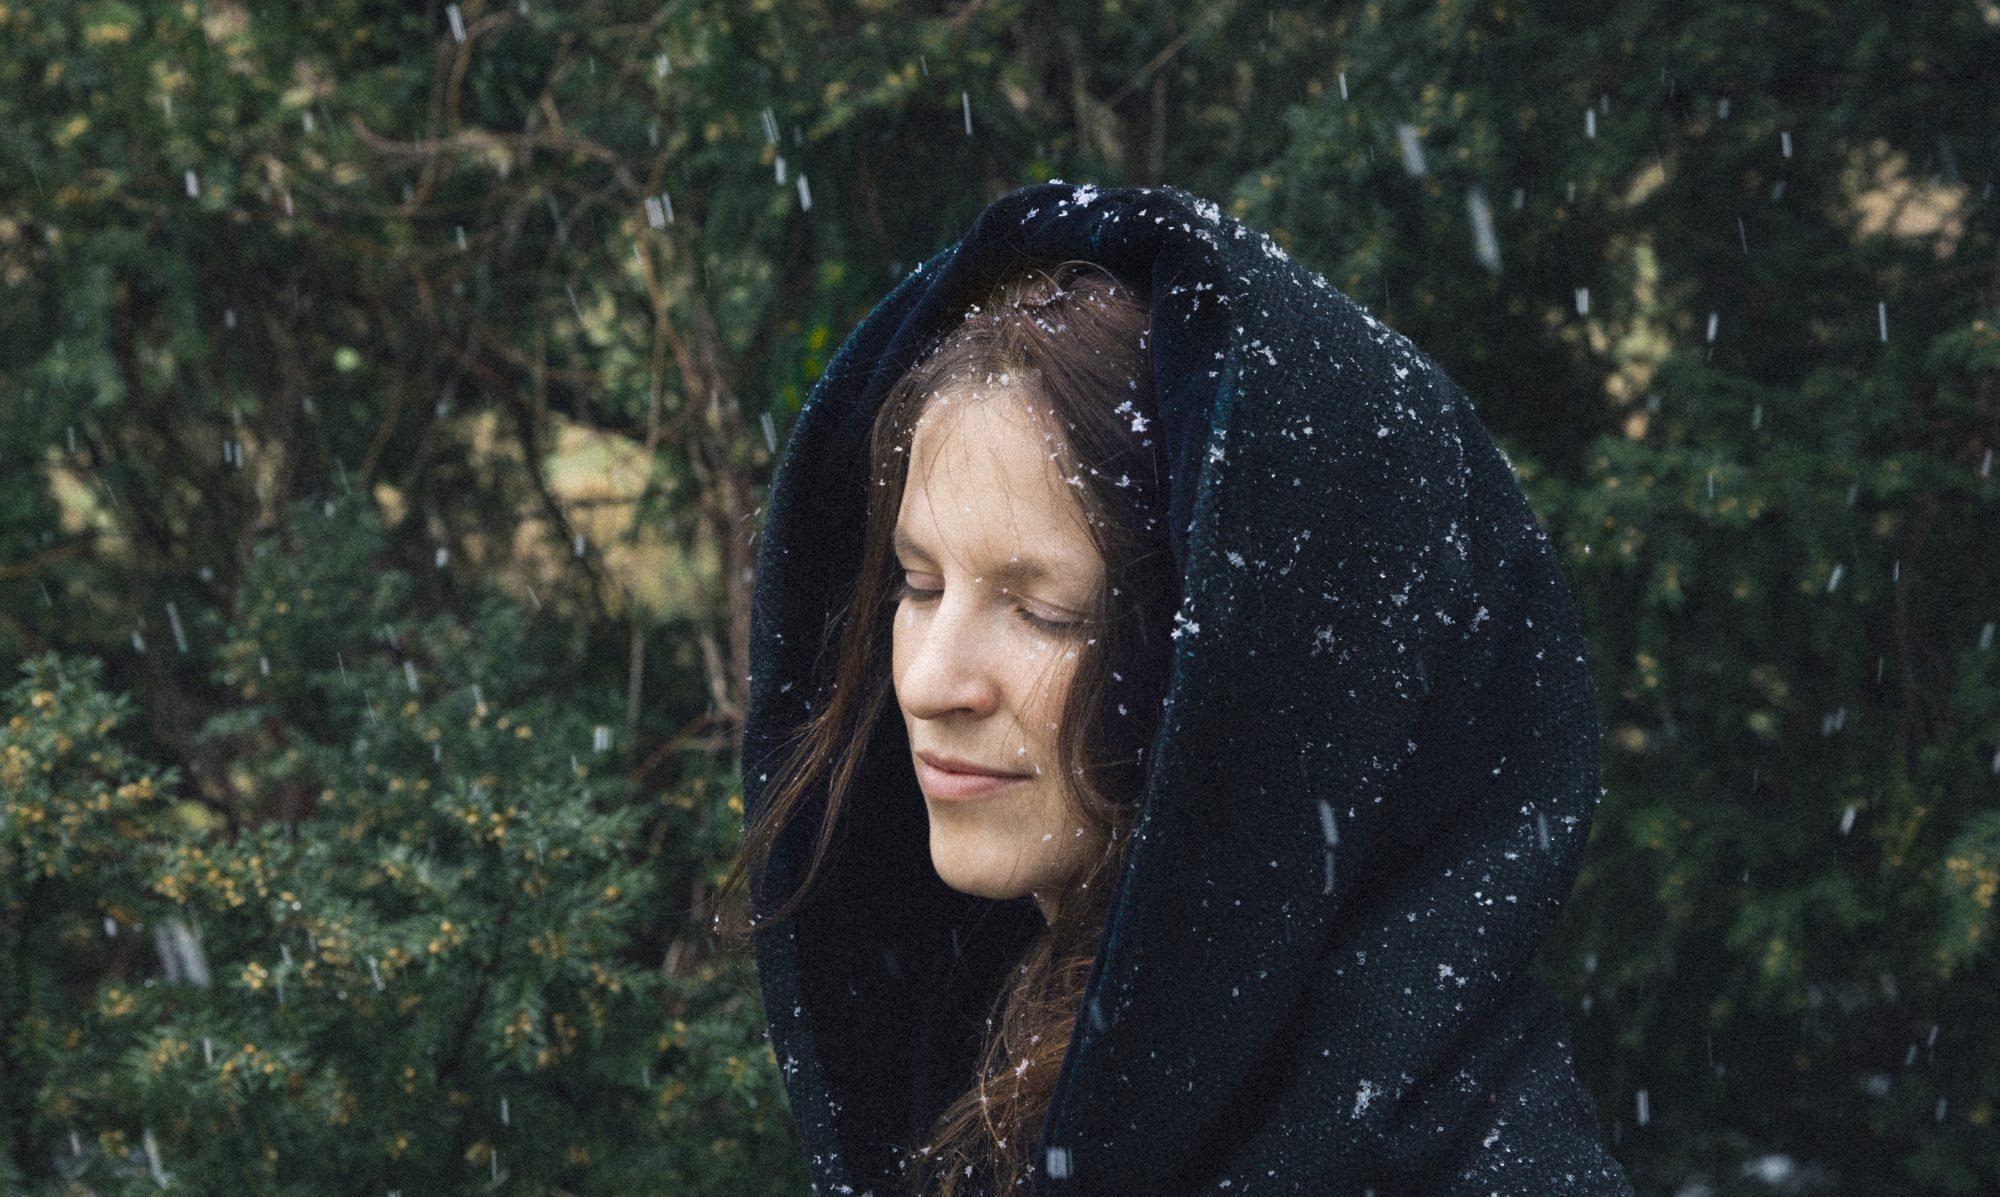 Maria Jacobi